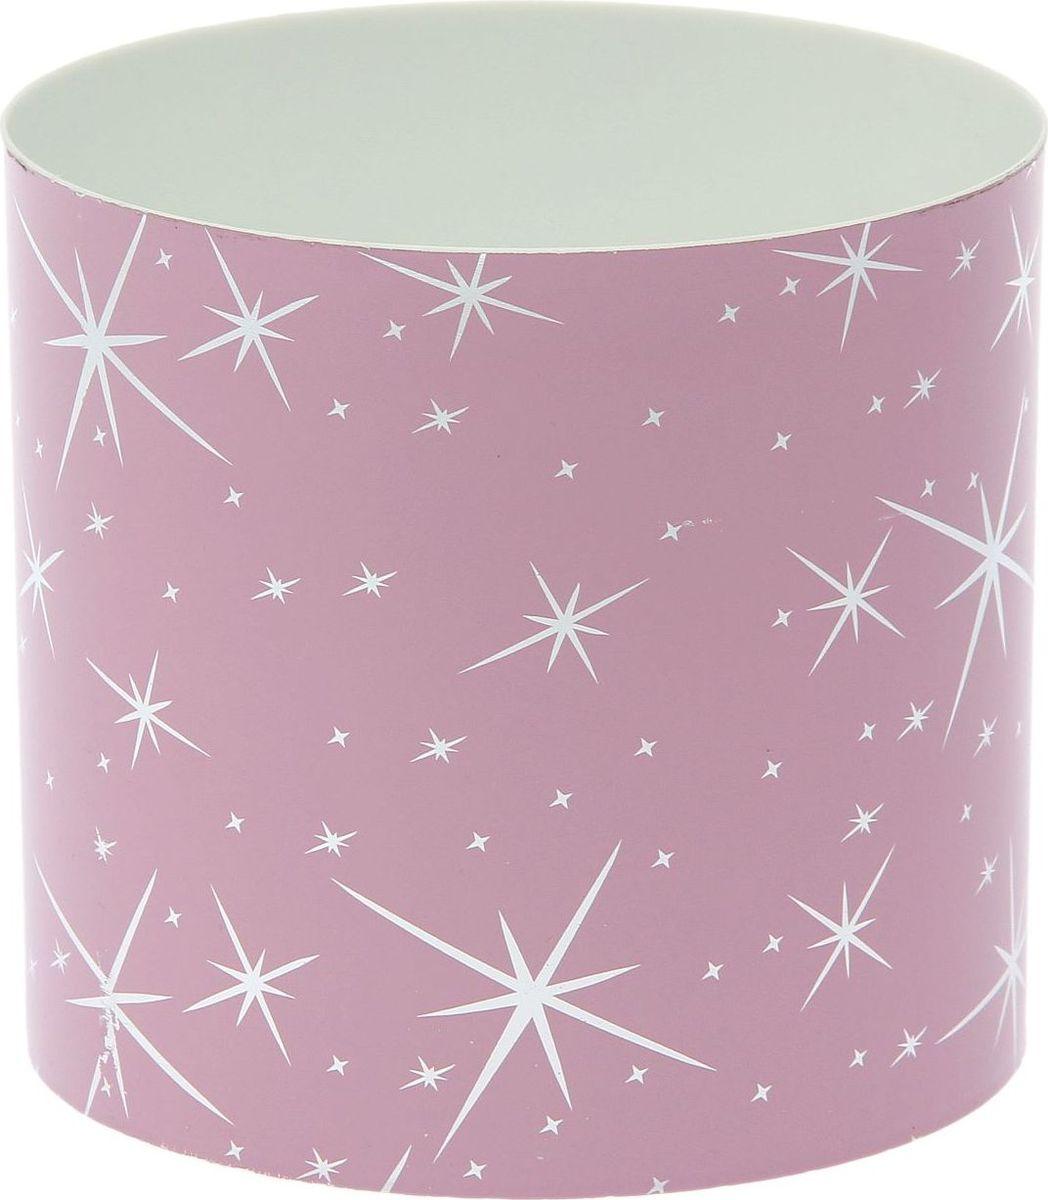 Горшок для цветов Simple Garden Звезды, со скрытым поддоном, цвет: розовый металлик, 2,8 л1915383Каждому хозяину периодически приходит мысль обновить свою квартиру, сделать ремонт, перестановку или кардинально поменять внешний вид каждой комнаты. Пластиковый горшок со скрытым поддоном Simple Garden Звезды - привлекательная деталь, которая поможет воплотить вашу интерьерную идею, создать неповторимую атмосферу в вашем доме. Окружите себя приятными мелочами, пусть они радуют глаз и дарят гармонию.